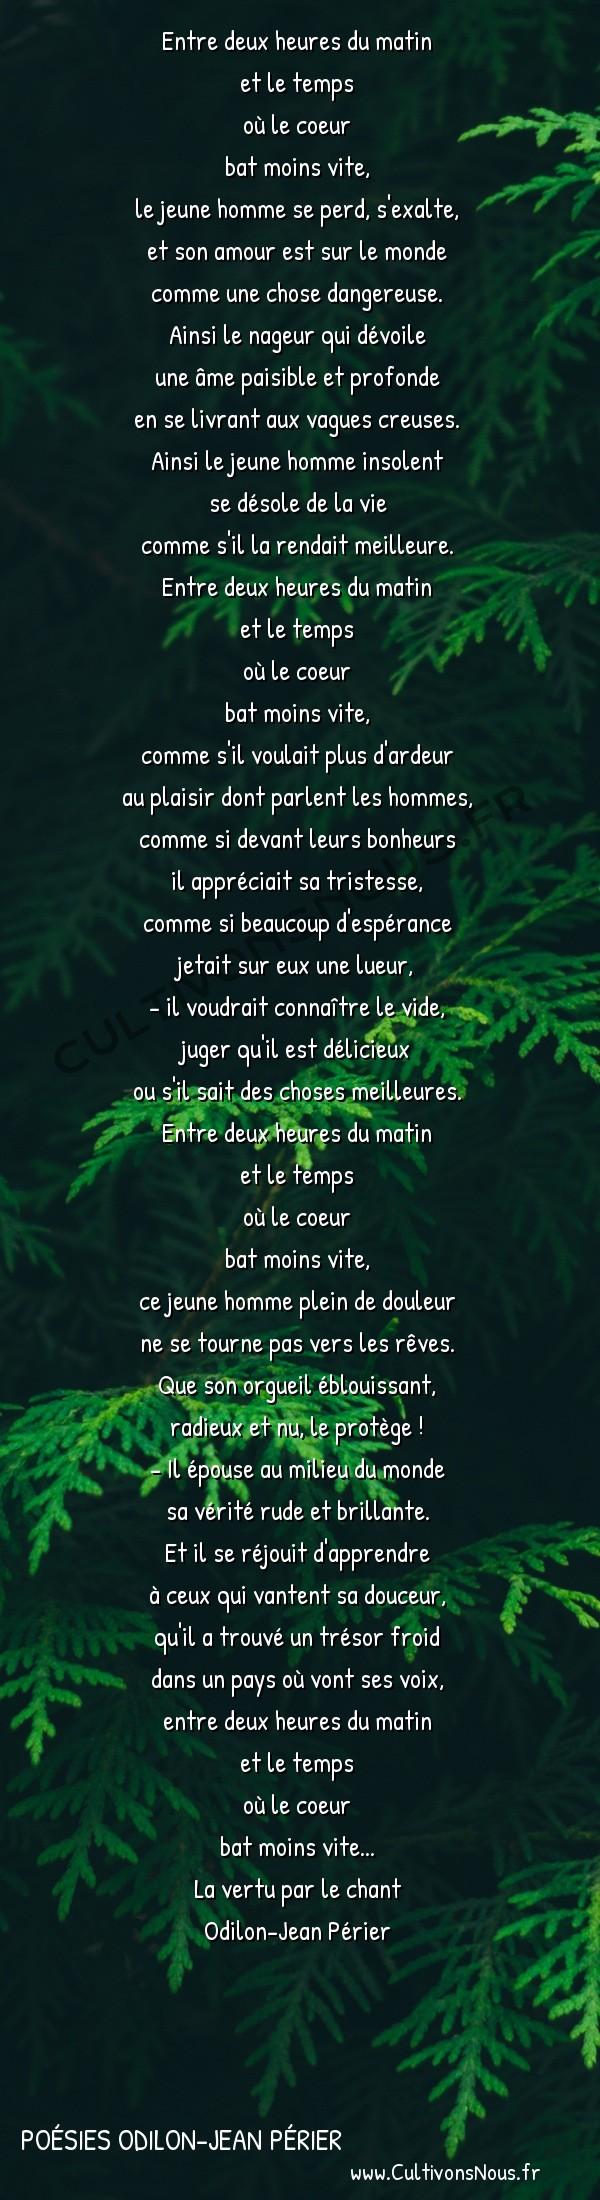 Poésies Odilon-Jean Périer - La vertu par le chant - Petit jour -  Entre deux heures du matin et le temps